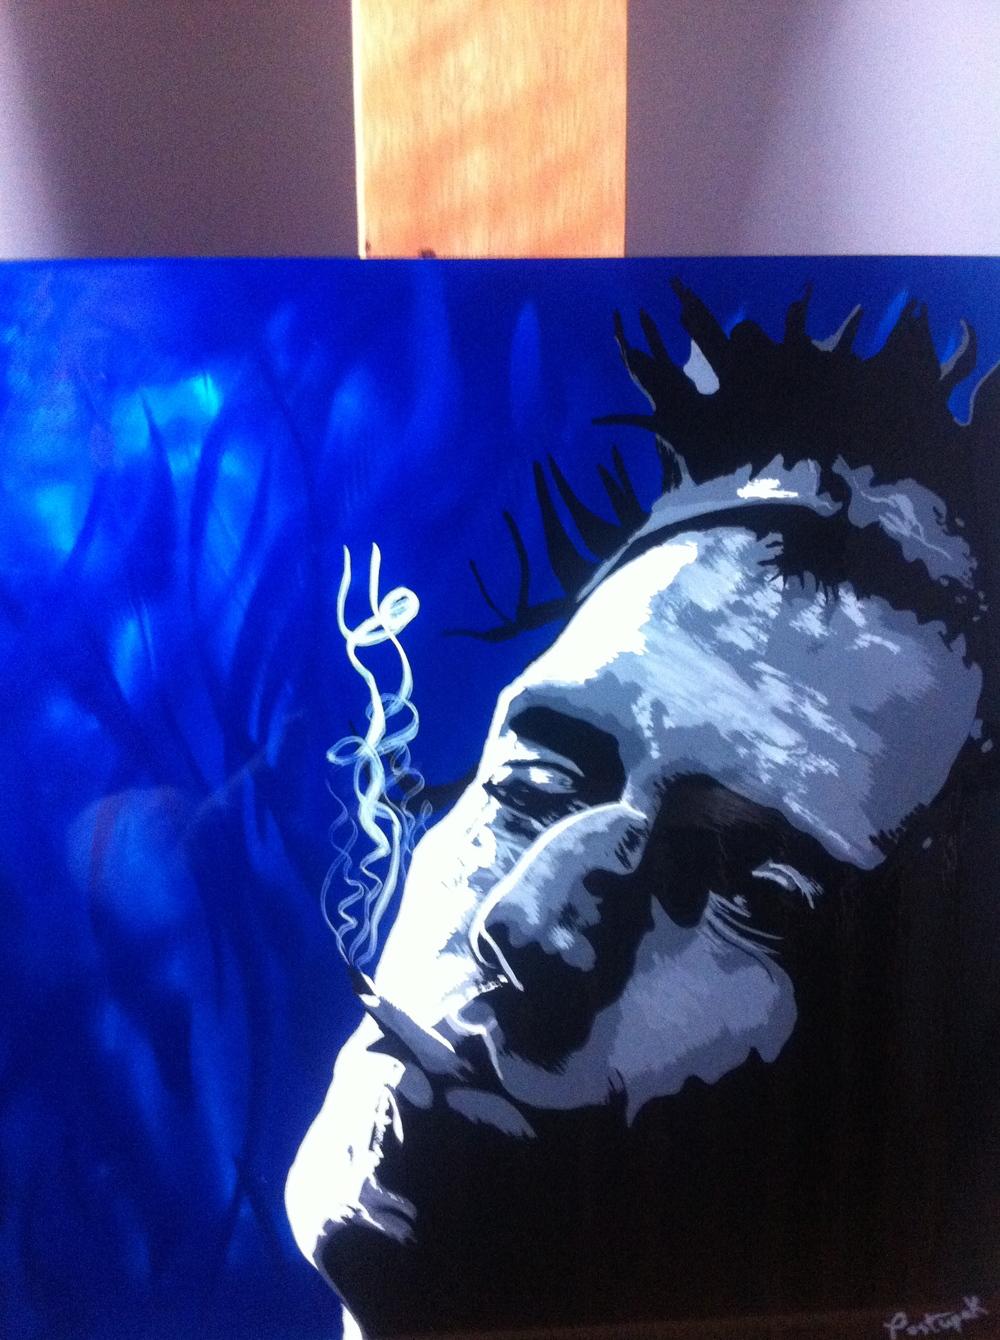 Keith Richards - Smoke & Mirrors